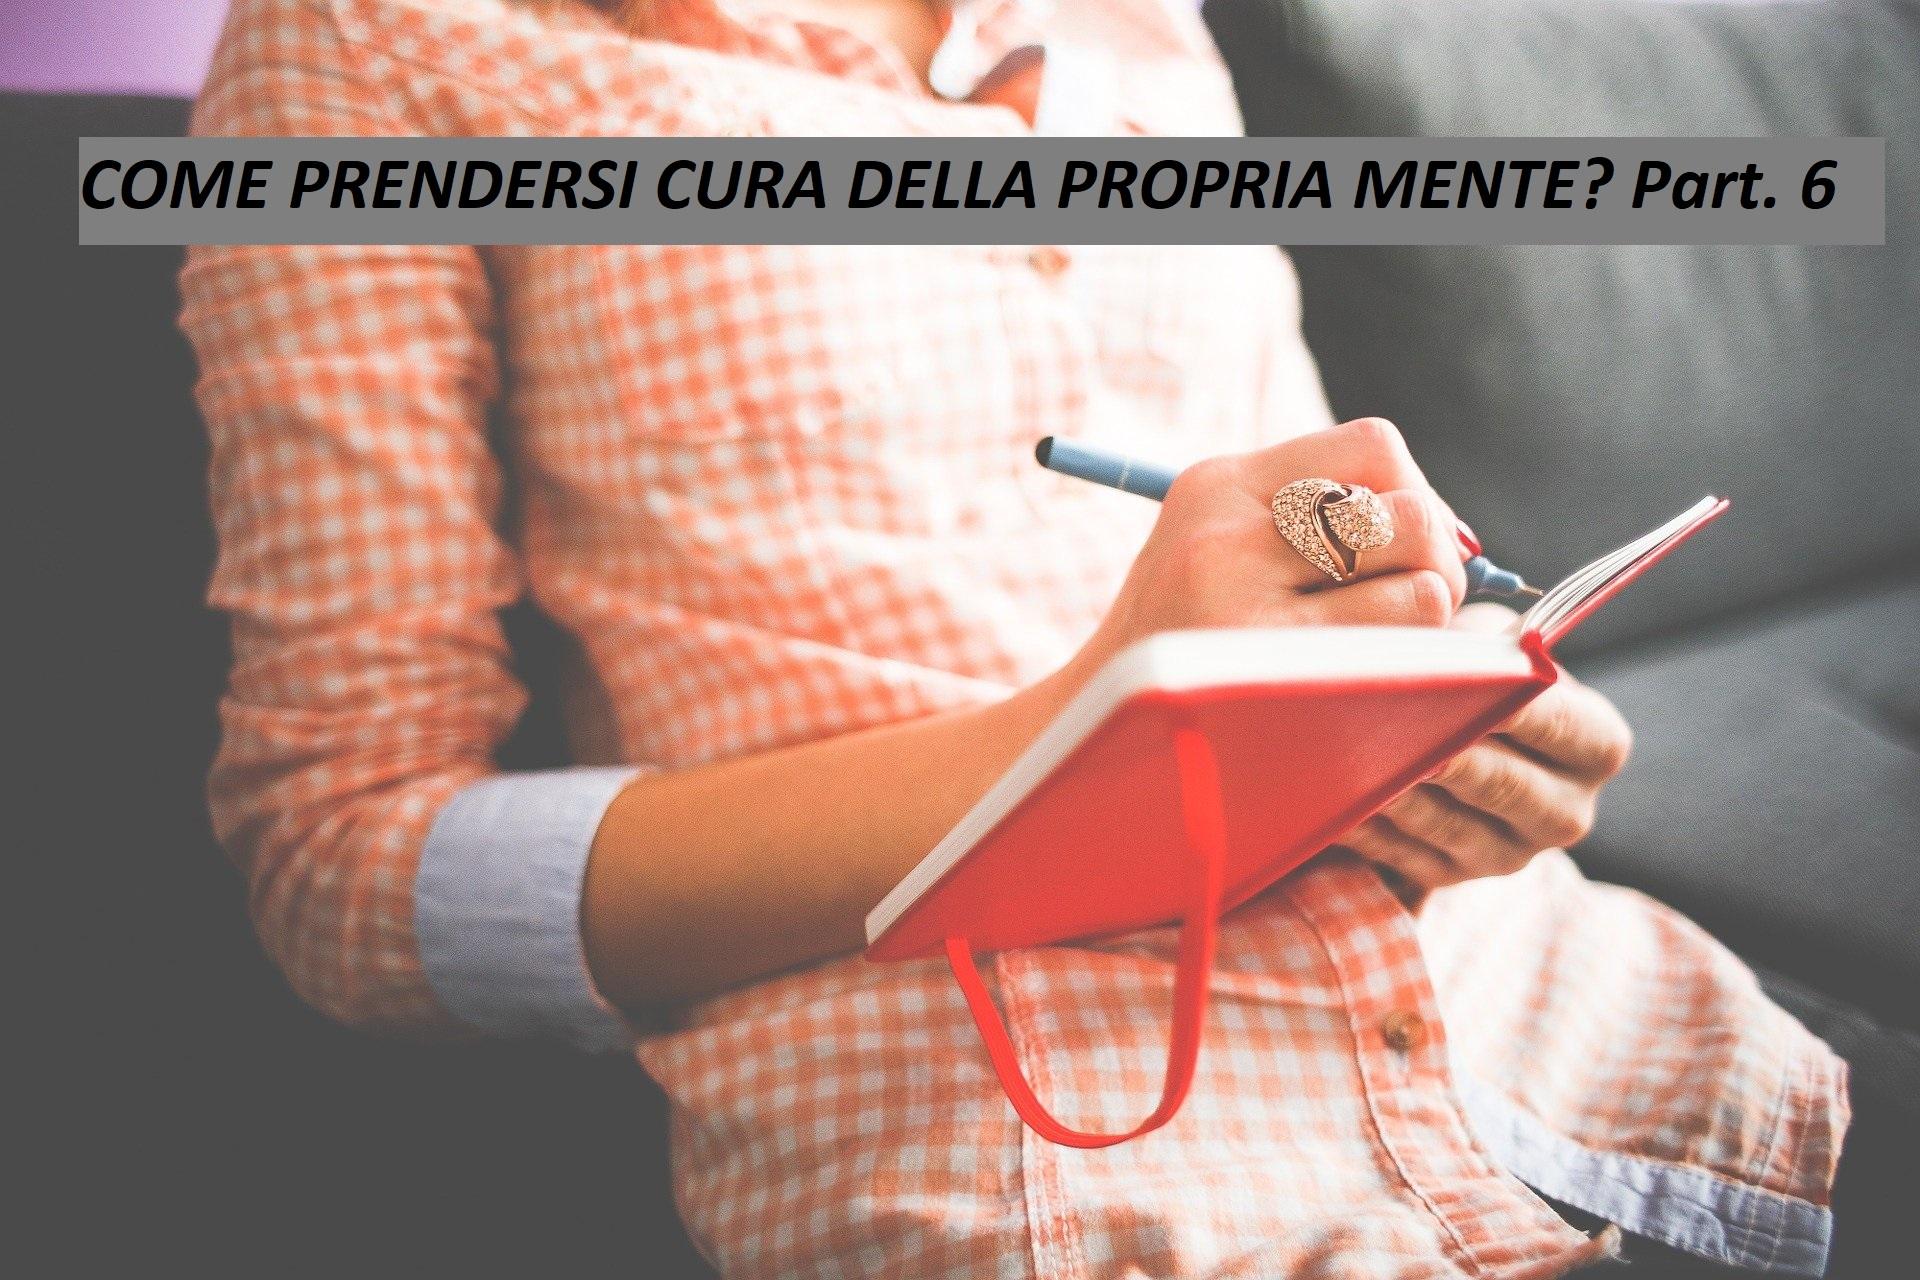 COME PRENDERSI CURA DELLA PROPRIA MENTE? Part. 6